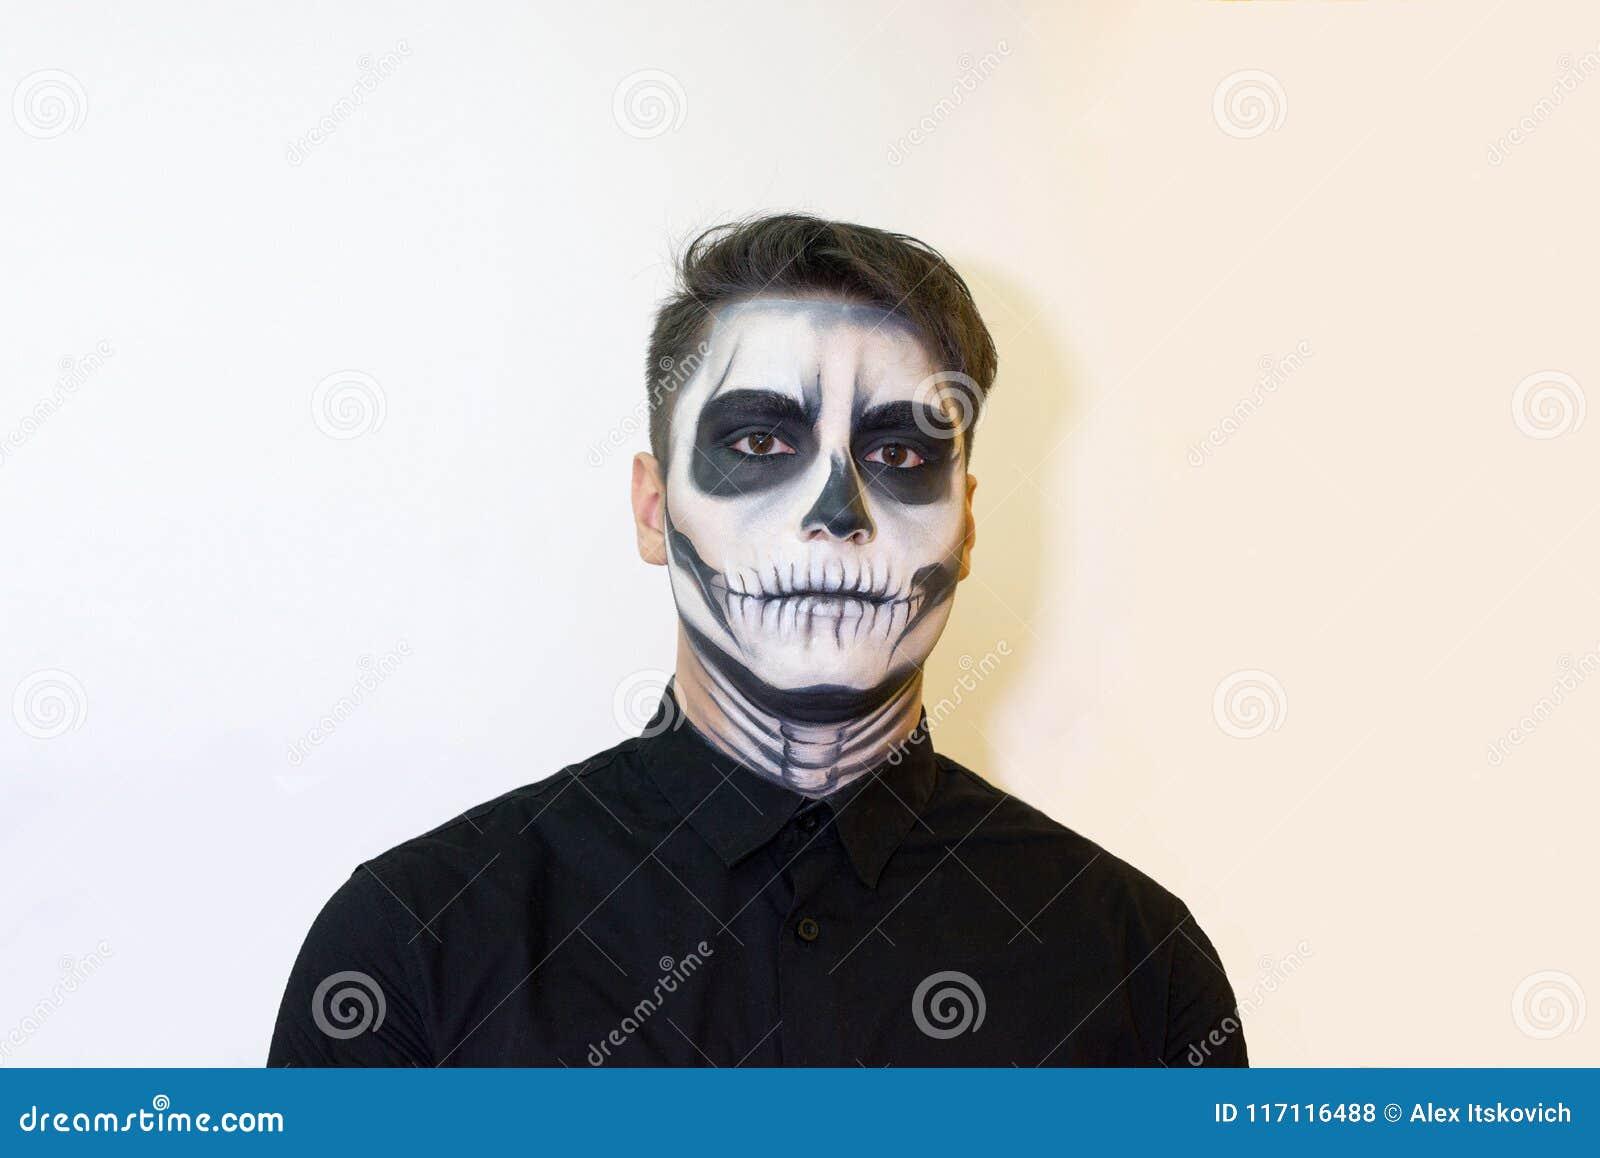 Trucco Halloween Vampiro Uomo.Uomo Nel Trucco Halloween Disegno Del Vampiro Scheletro Sul Suo